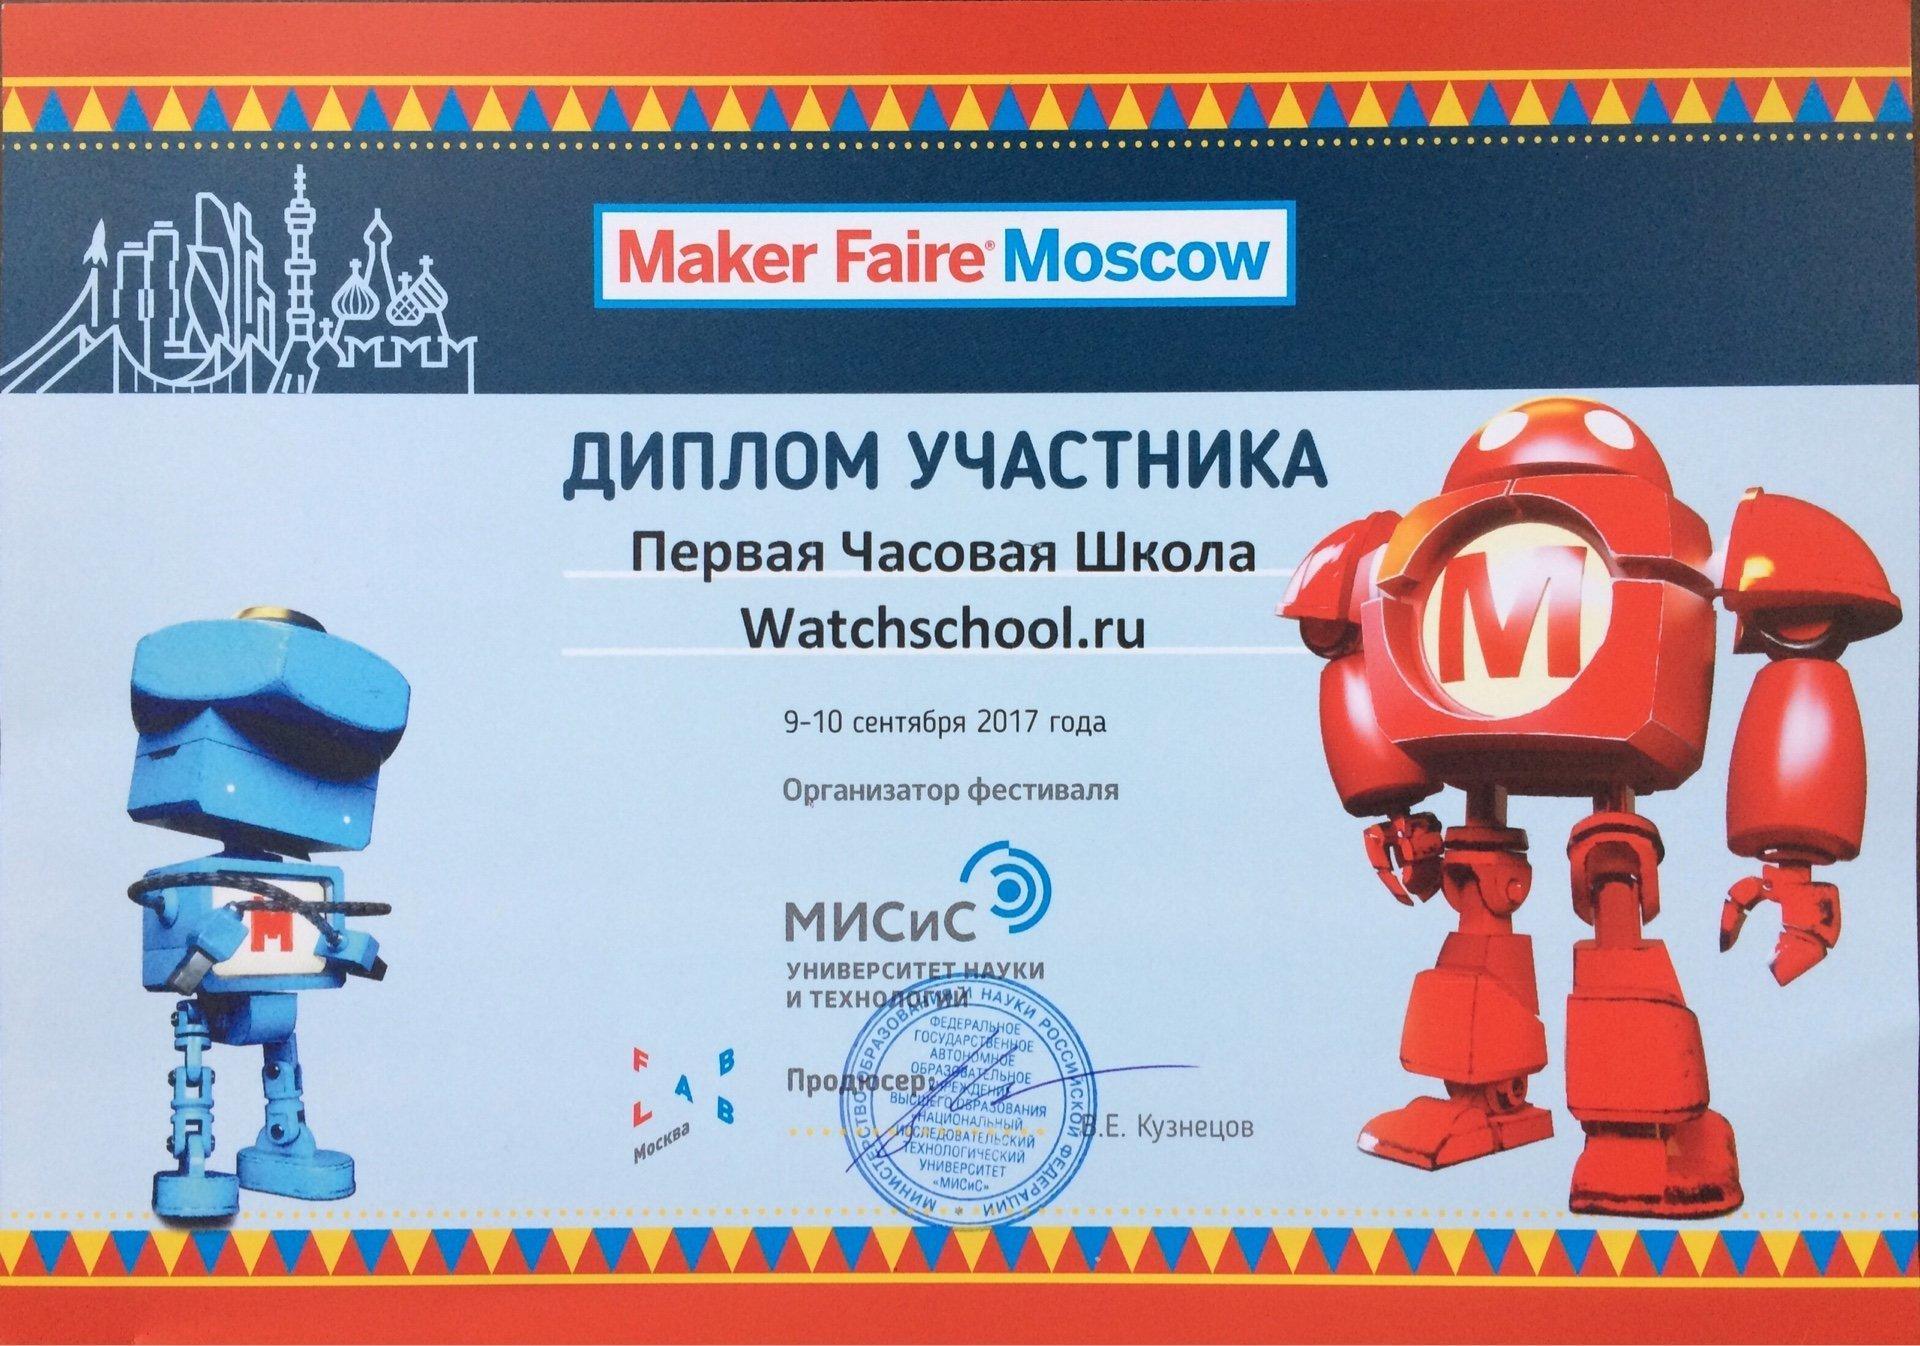 Первая часовая школа на международном фестивале изобретателей.